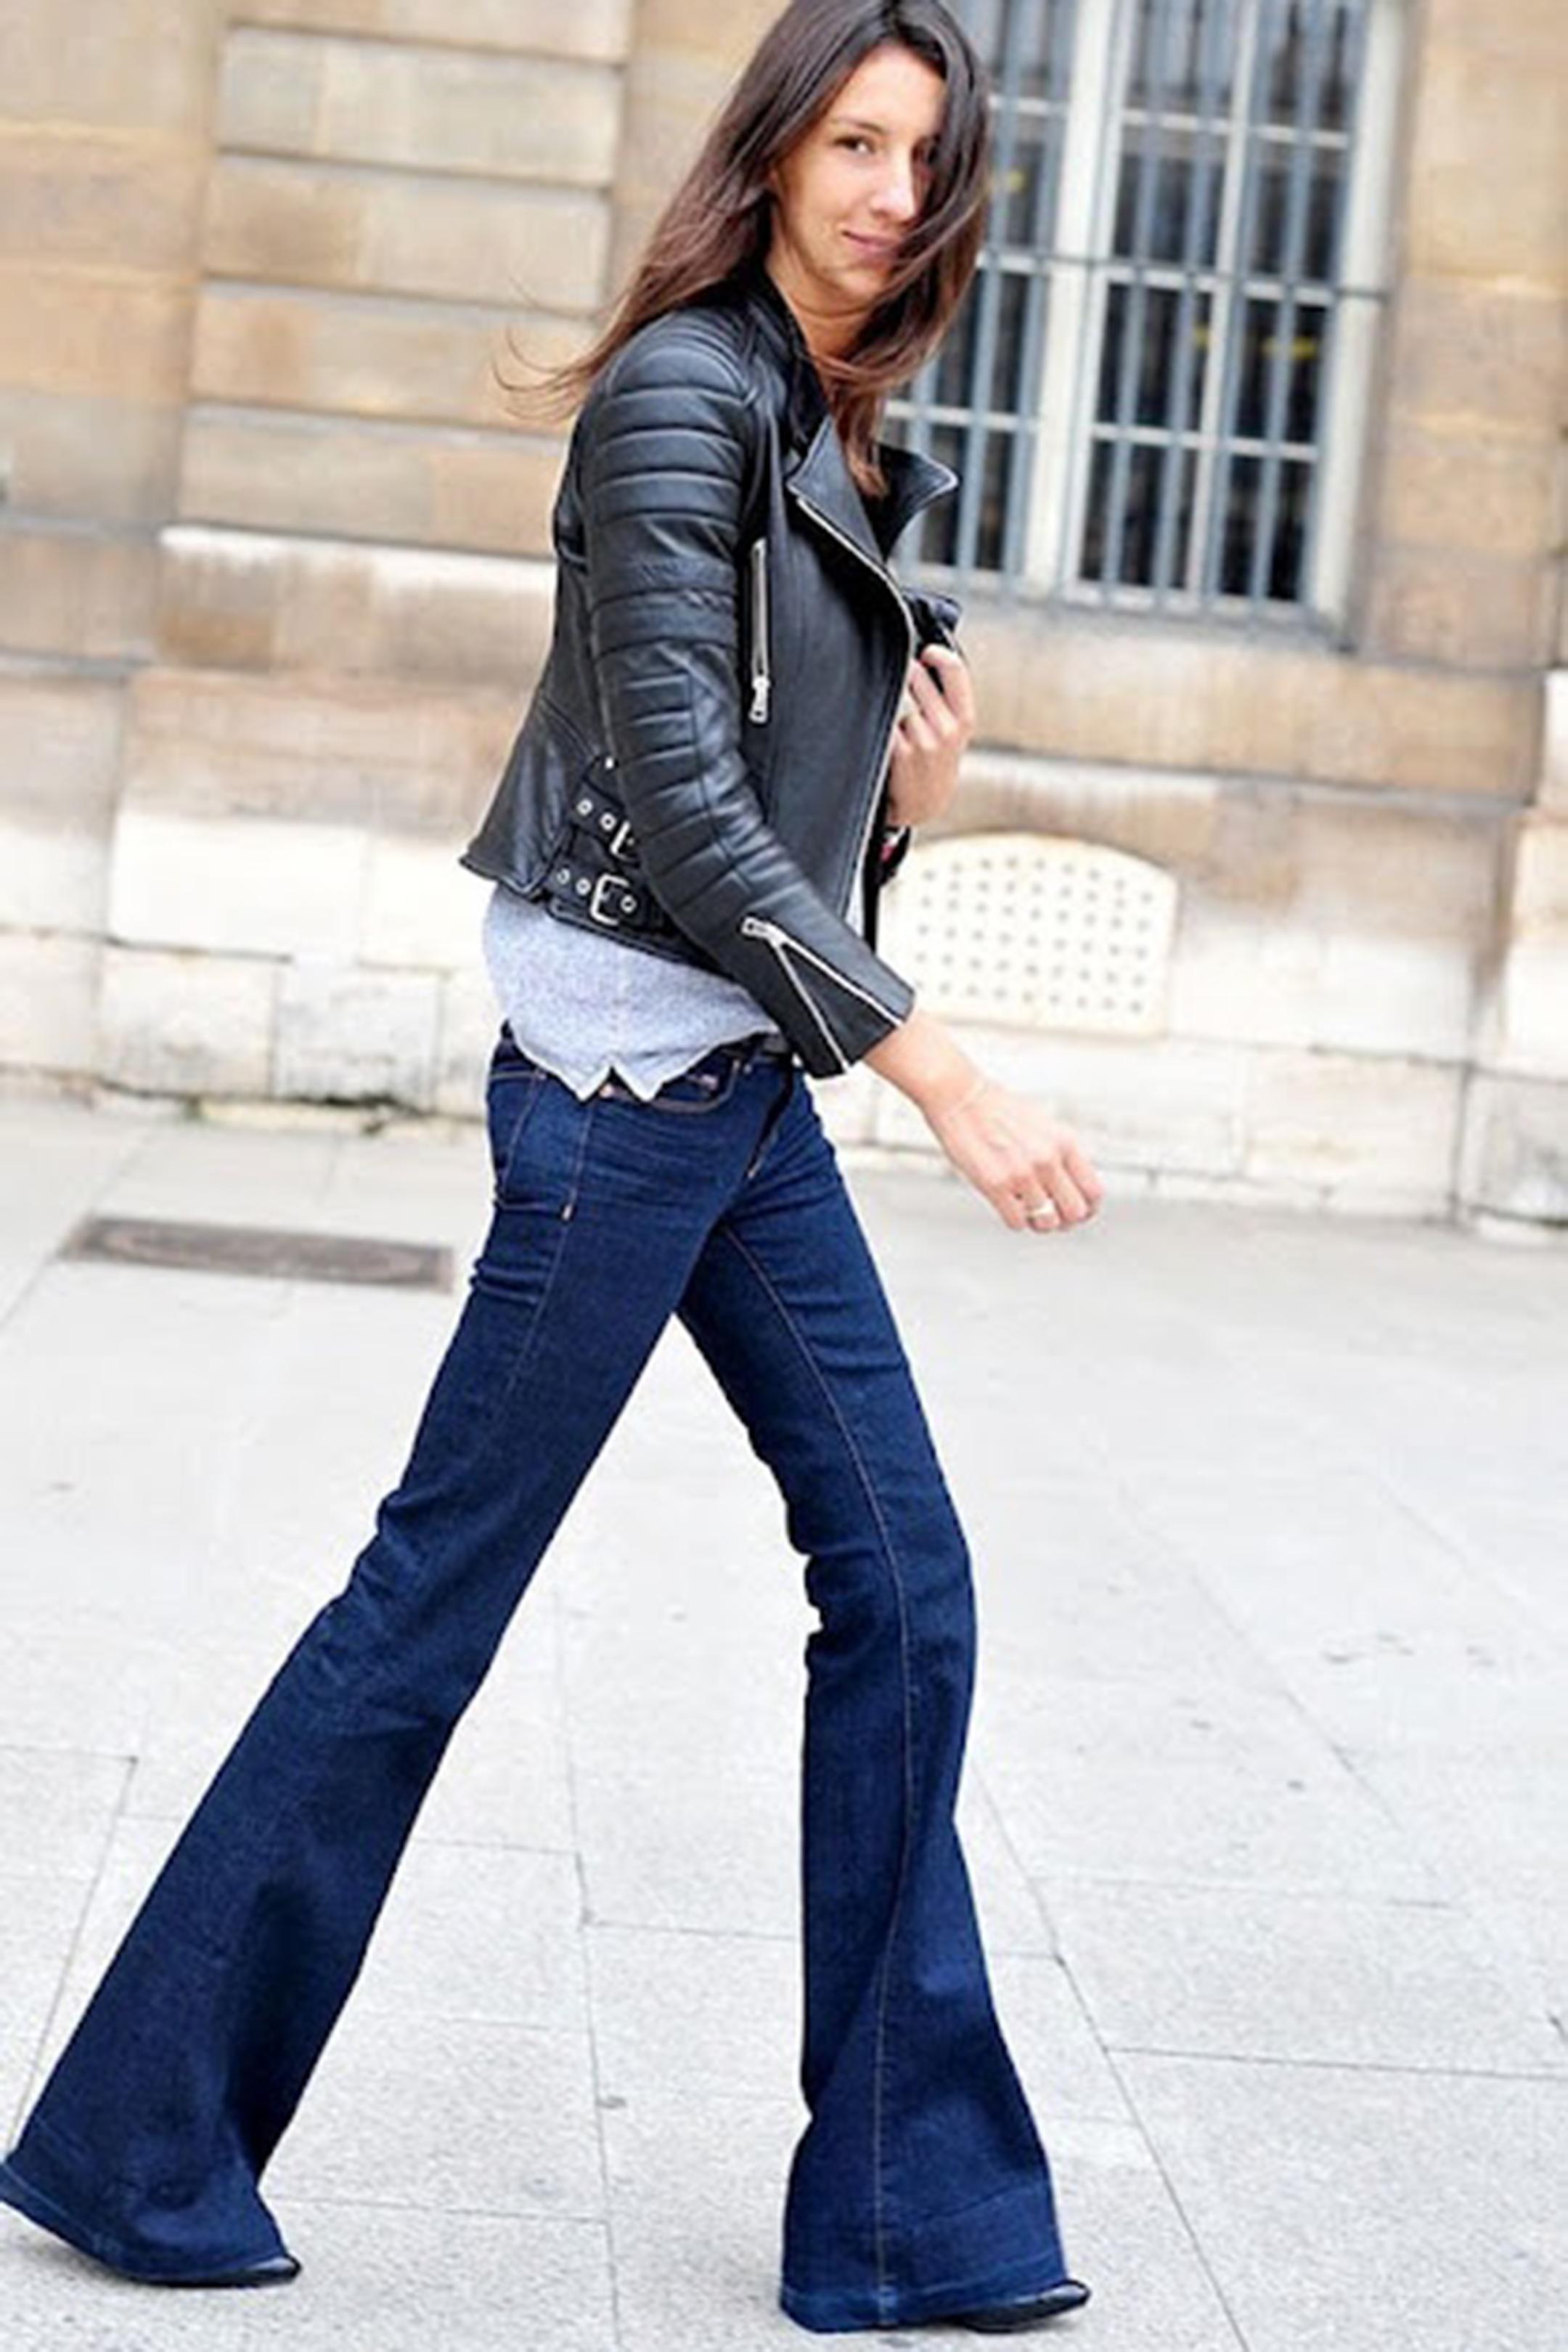 pantaloni-zampa-styleshouts-jeans-denim